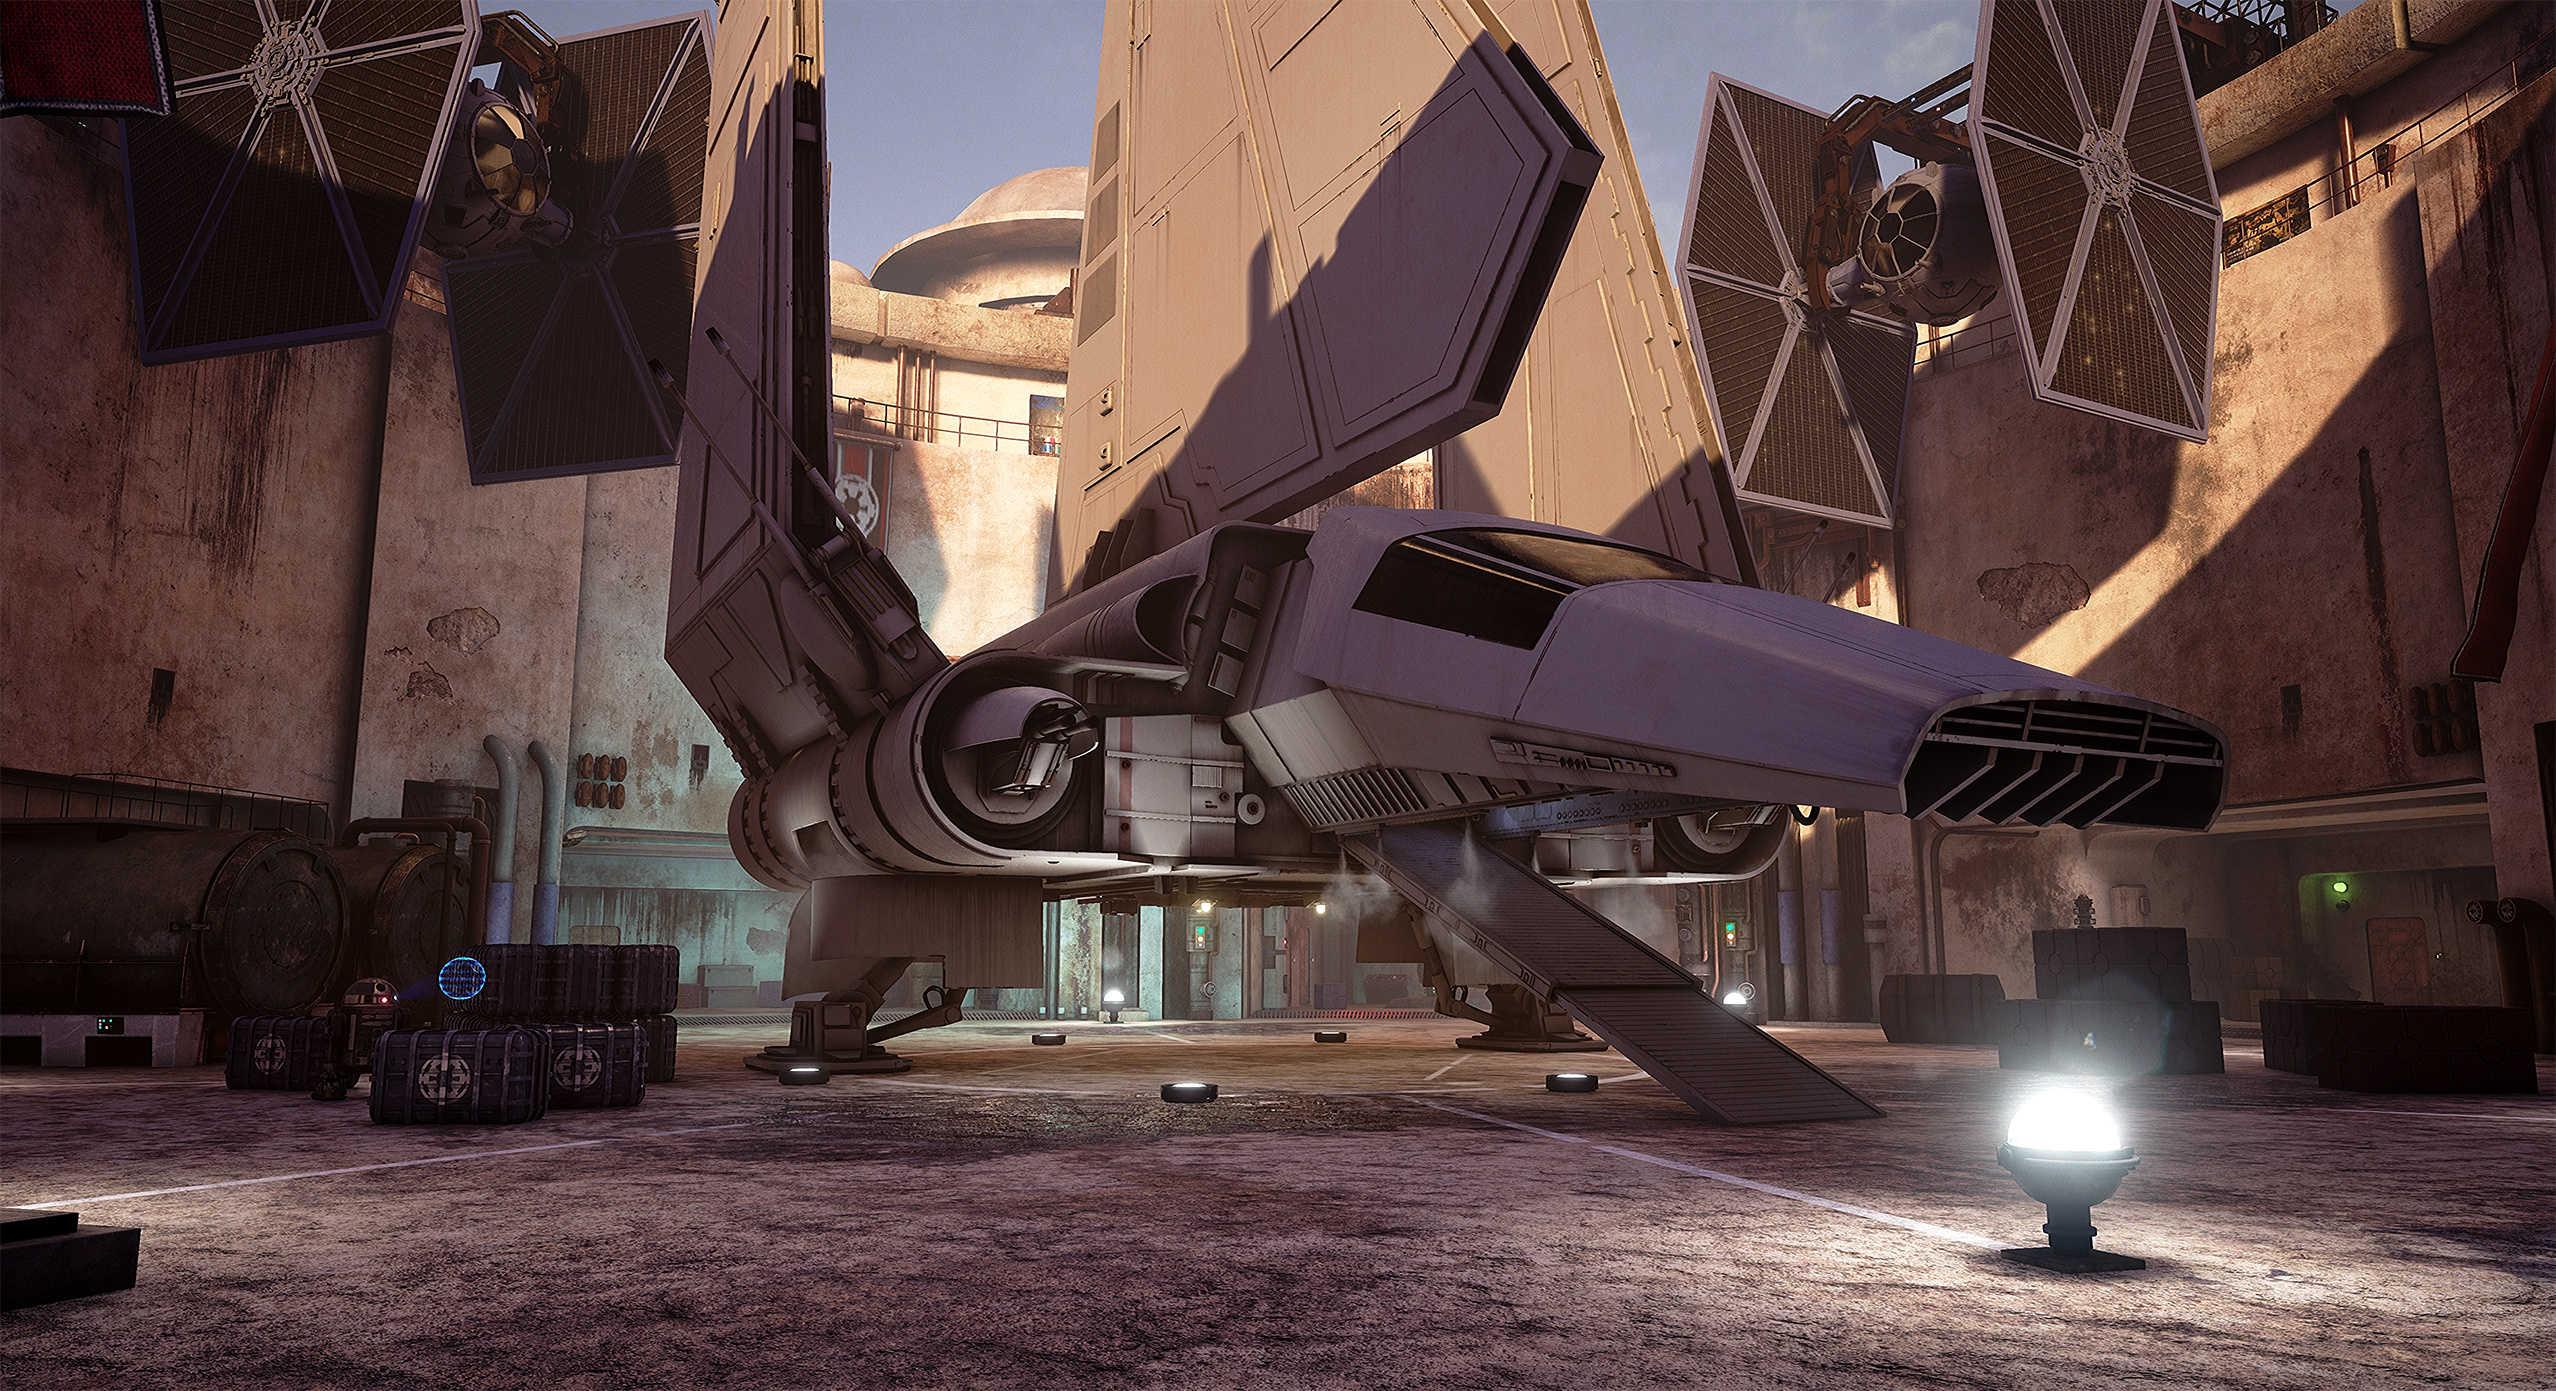 Vývojáři z Obsidianu vytvořili překrásnou Star Wars scenérii v enginu Unreal 4 130536